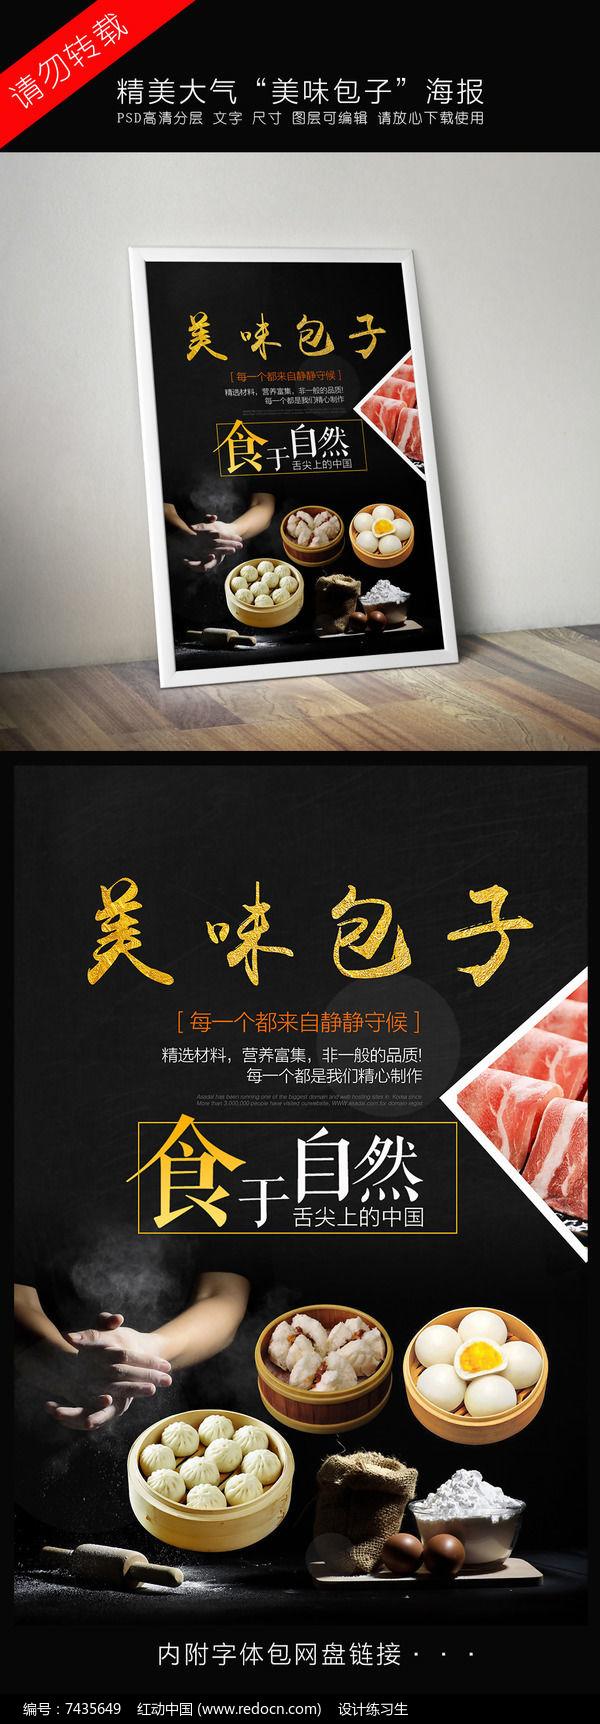 包子美食海报设计模版